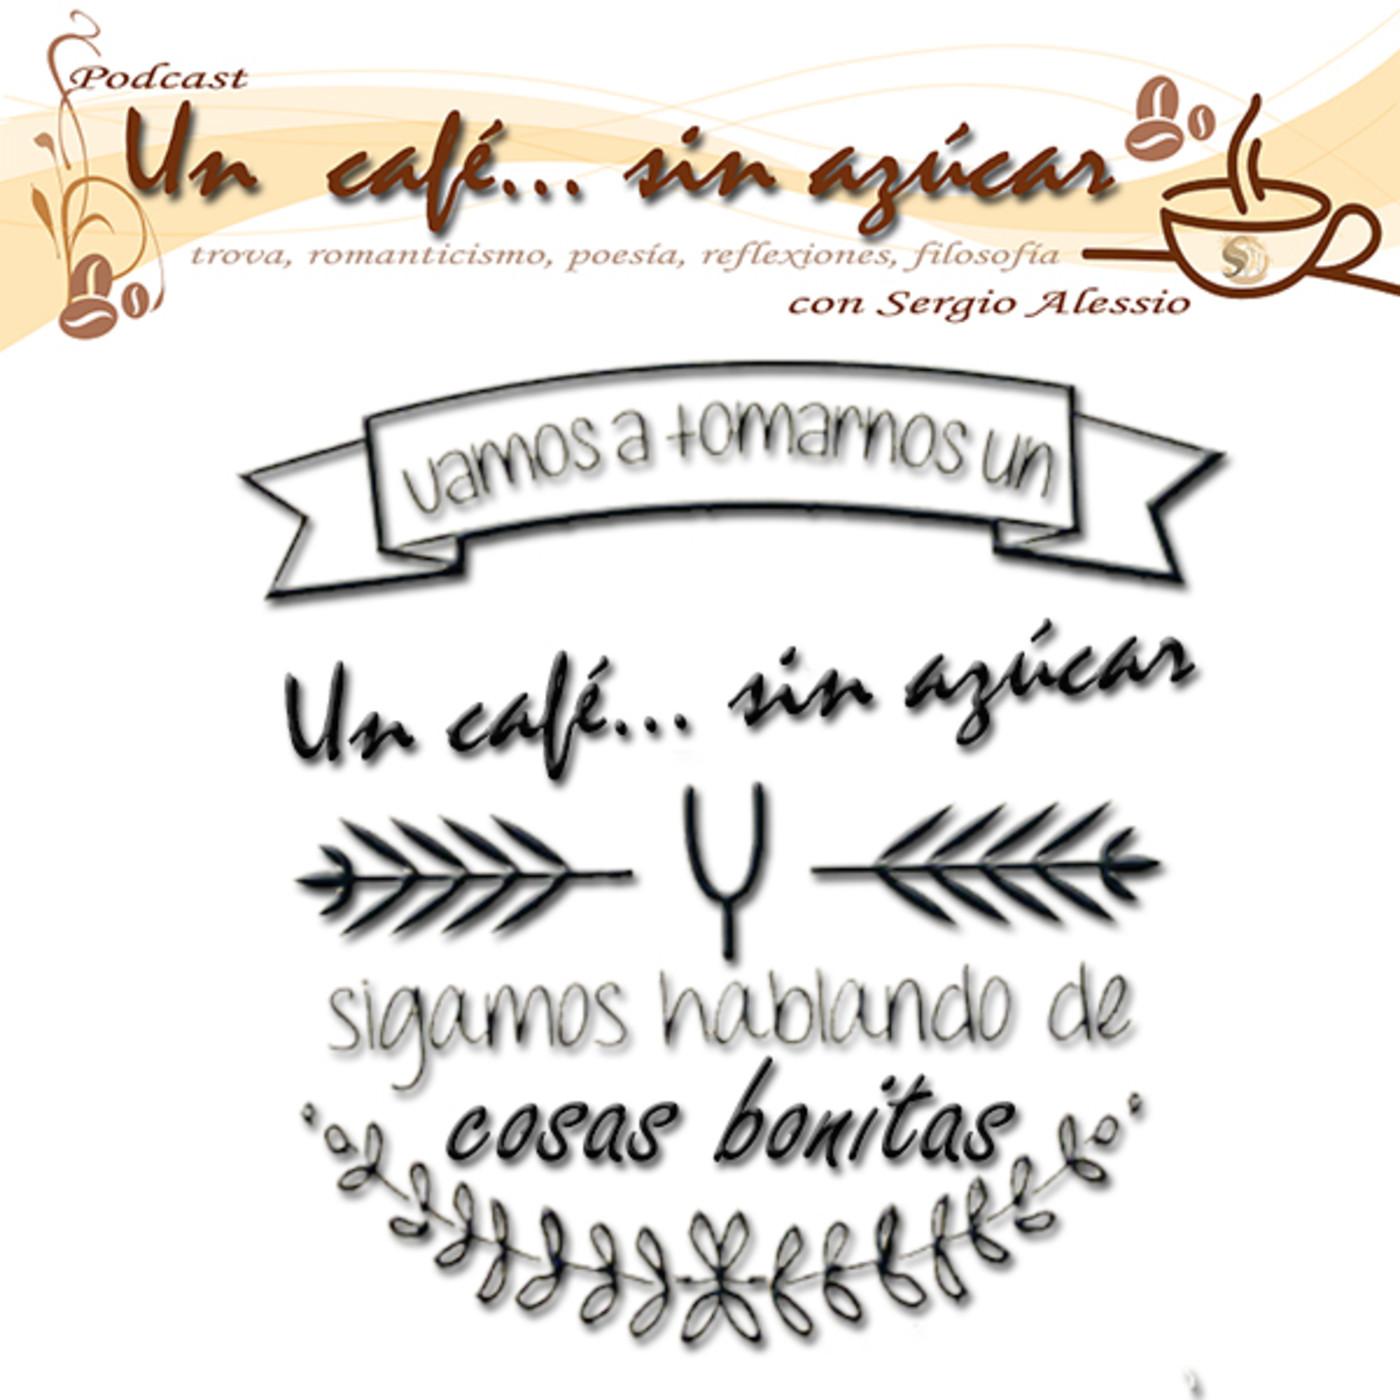 Un café    sin azúcar y charlas de café en Un café    sin